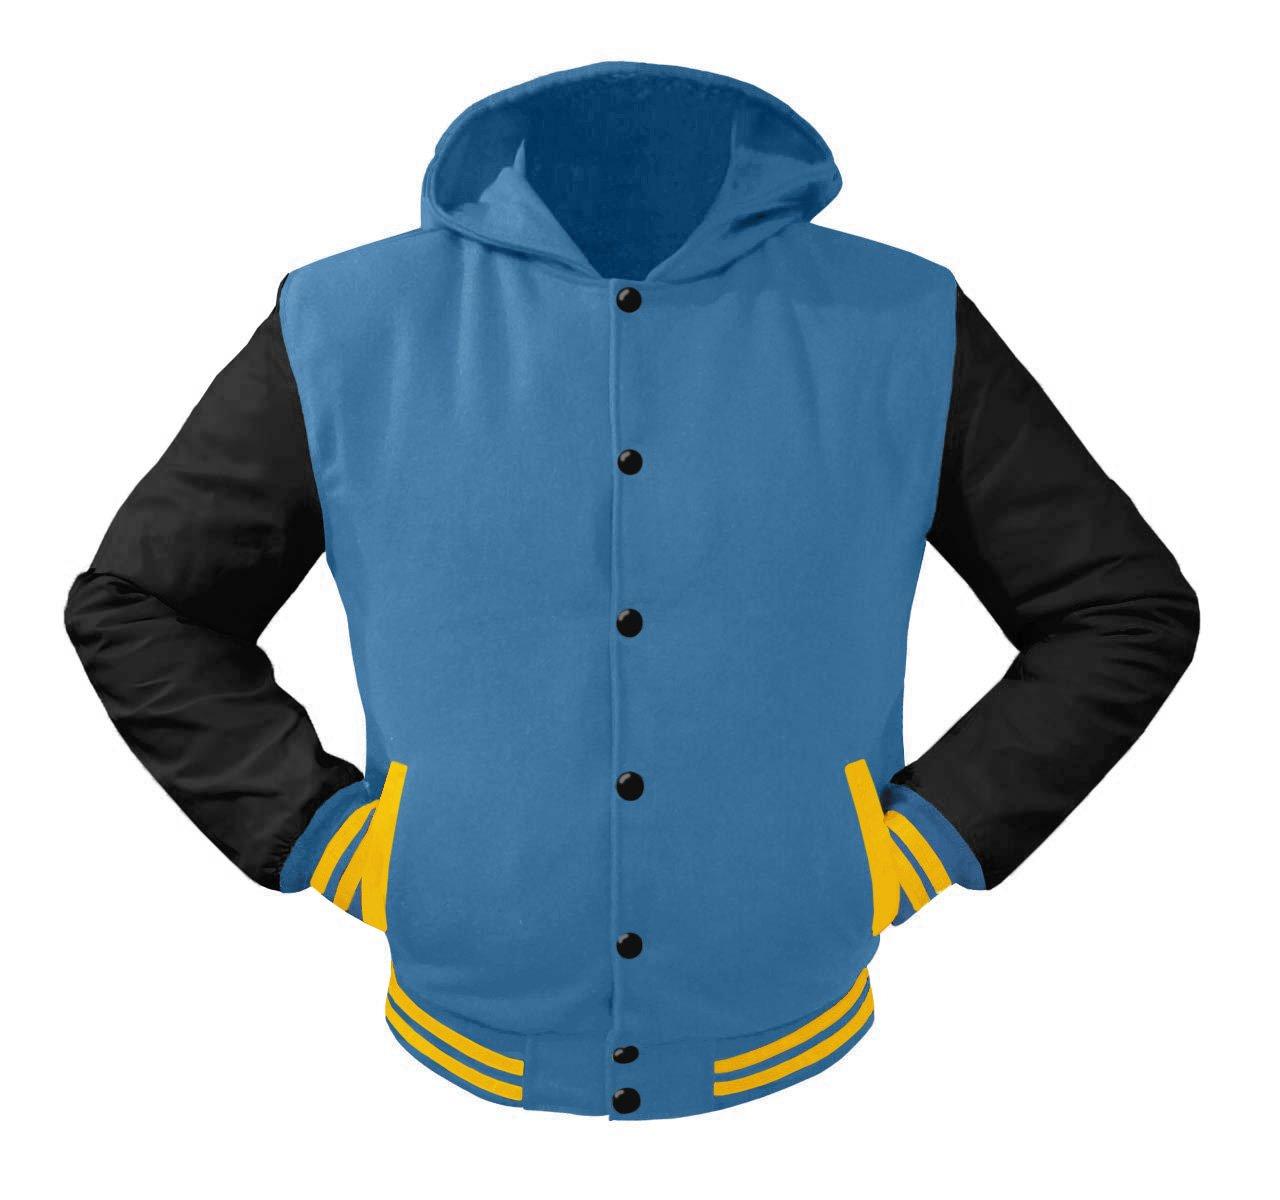 luvsecretlingerie Superb Leather Sleeve Original American Varsity Letterman College Baseball Kid Wool Hoodie Jackets #B-Y-B by luvsecretlingerie